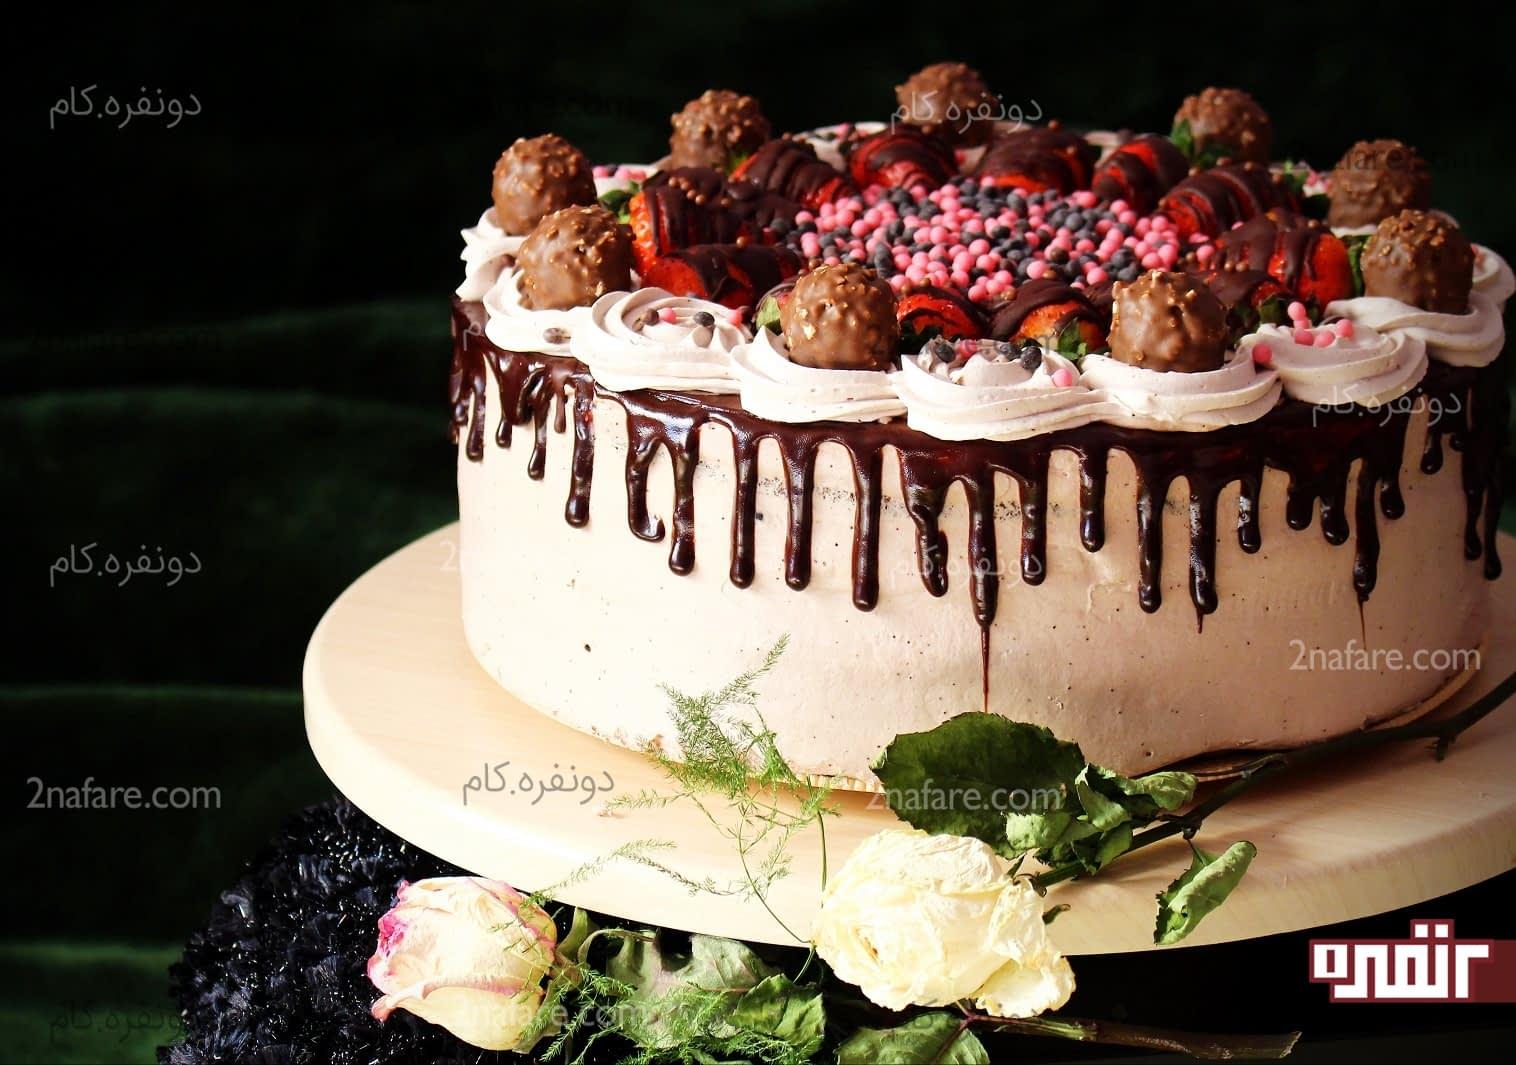 کیک با نام مهسا آموزش تزیین کیک با خامه مرحله به مرحله • دونفره